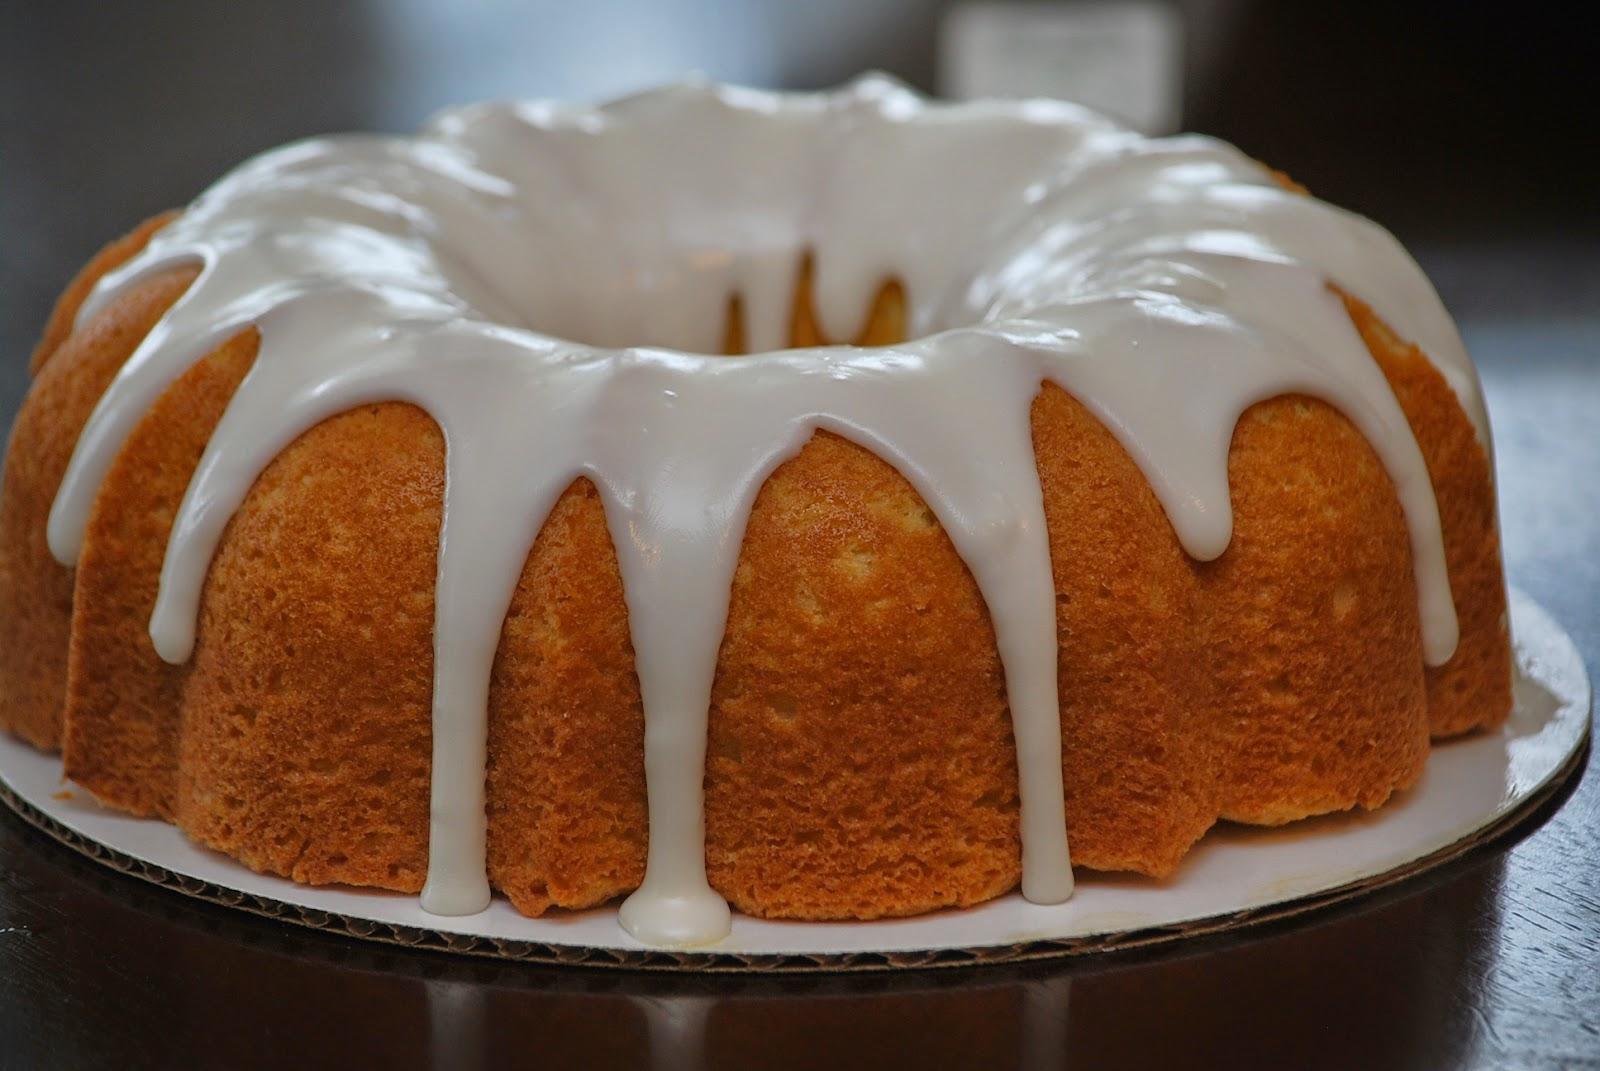 Giada Lemon Pound Cake